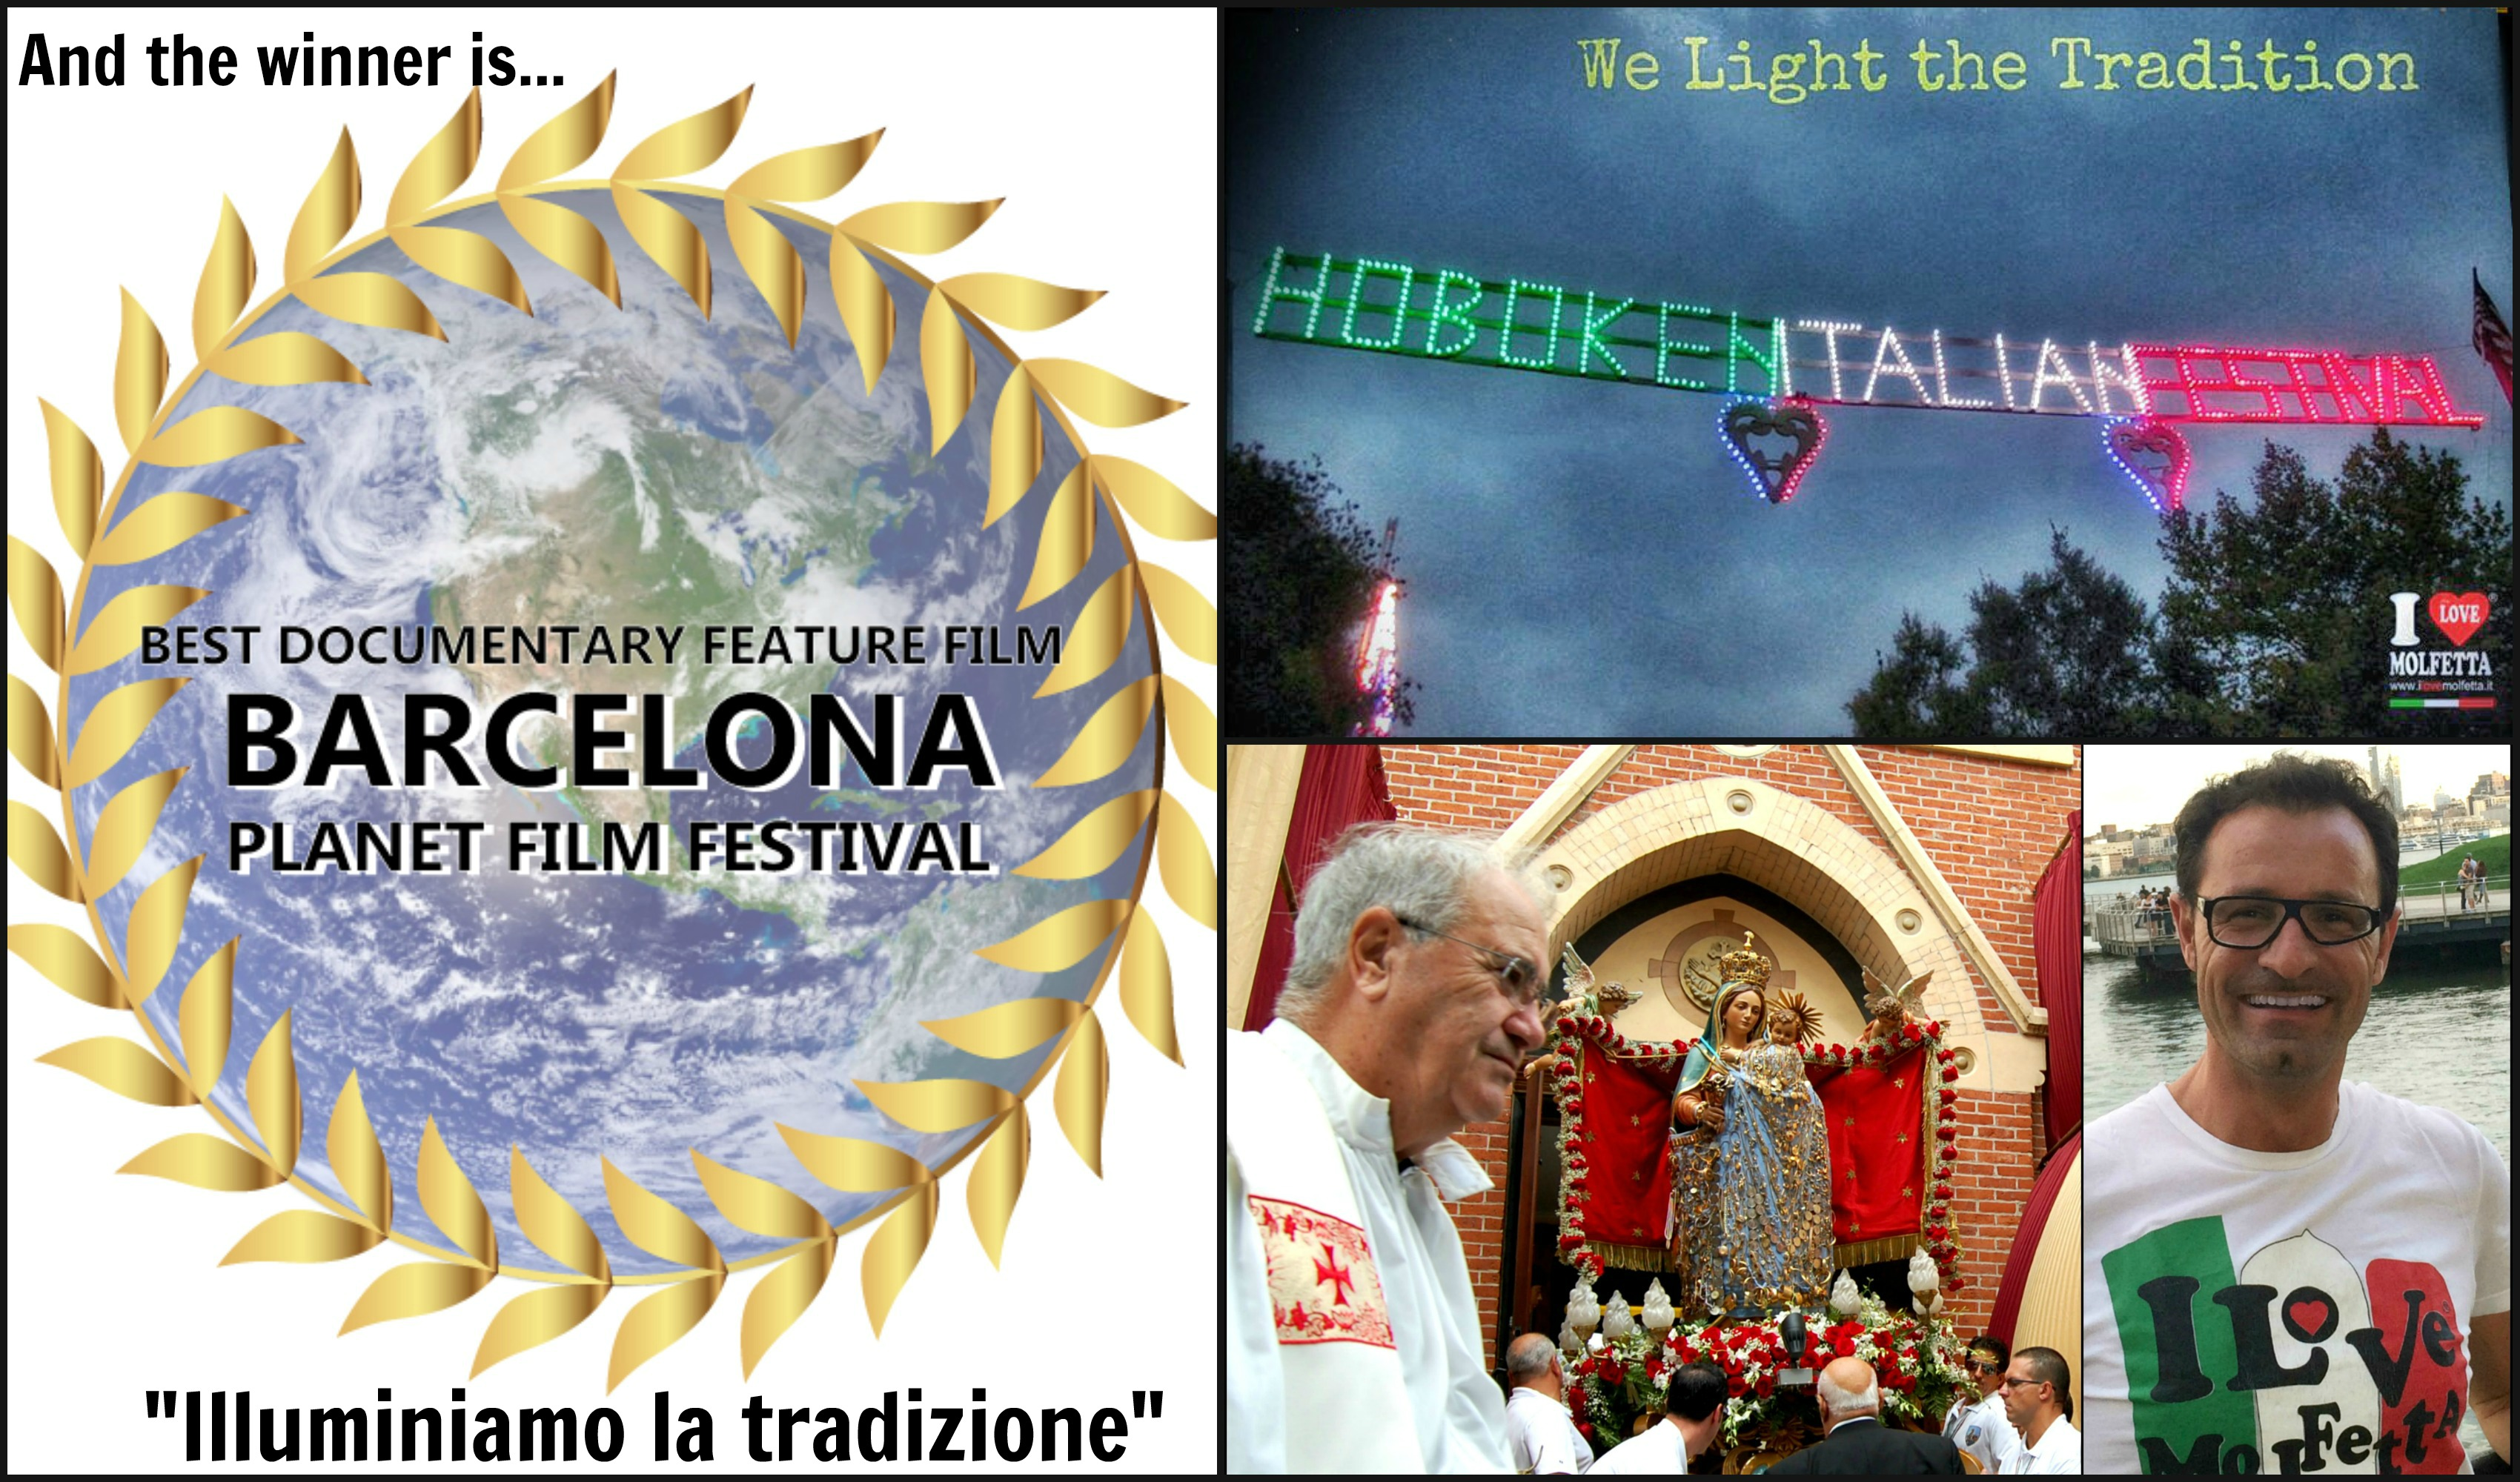 La Puglia, con Molfetta, vince, al primo posto al Barcellona Planet Film Festival